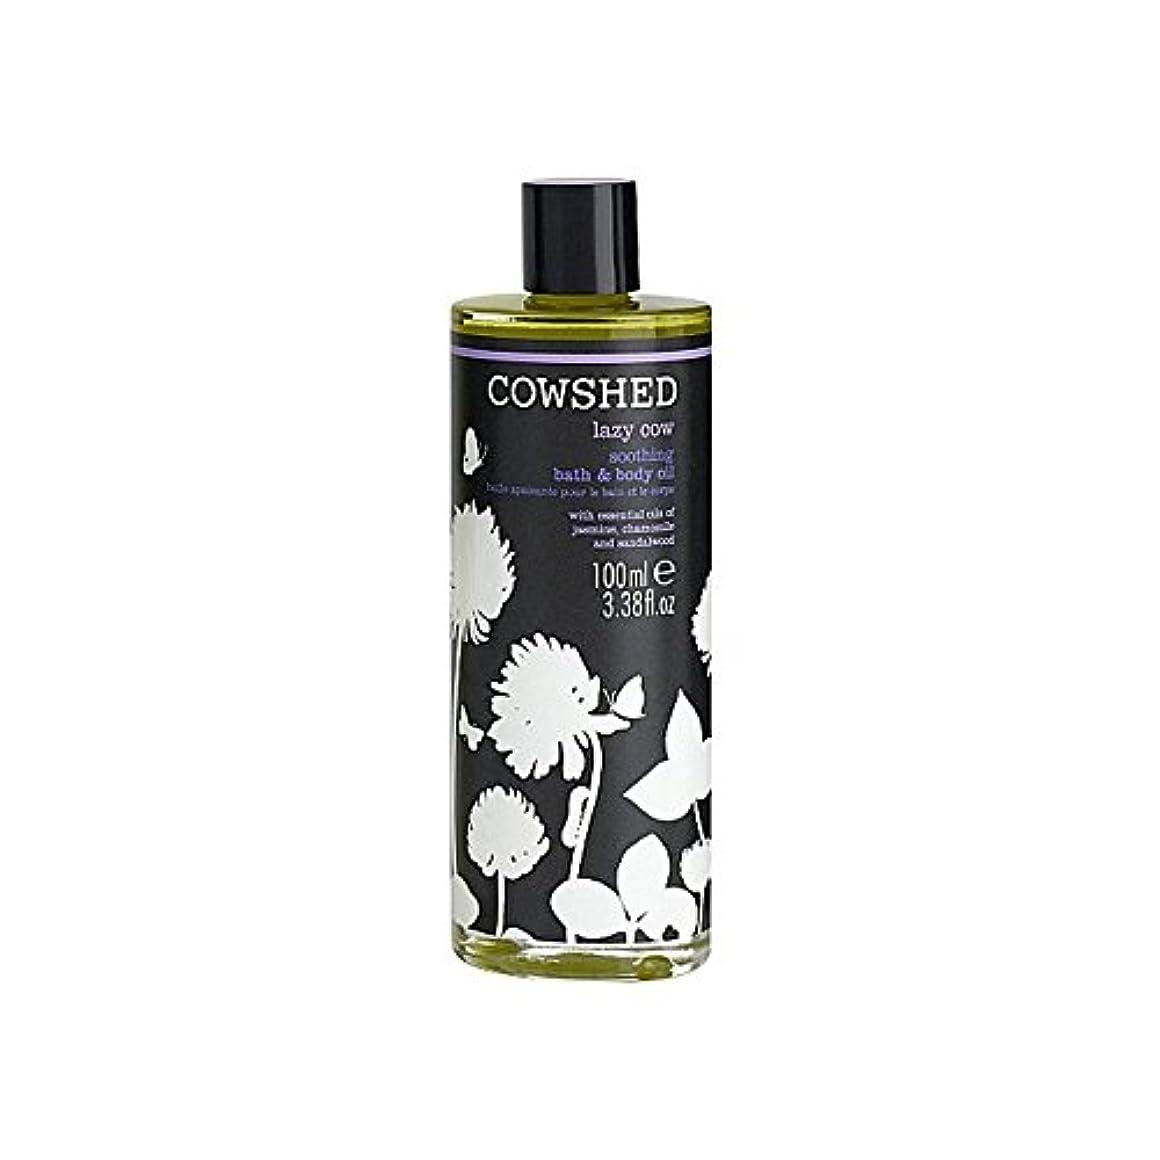 眉をひそめる西レンダリングCowshed Lazy Cow Soothing Bath & Body Oil 100ml - バス&ボディオイル100ミリリットルをなだめる牛舎怠惰な牛 [並行輸入品]